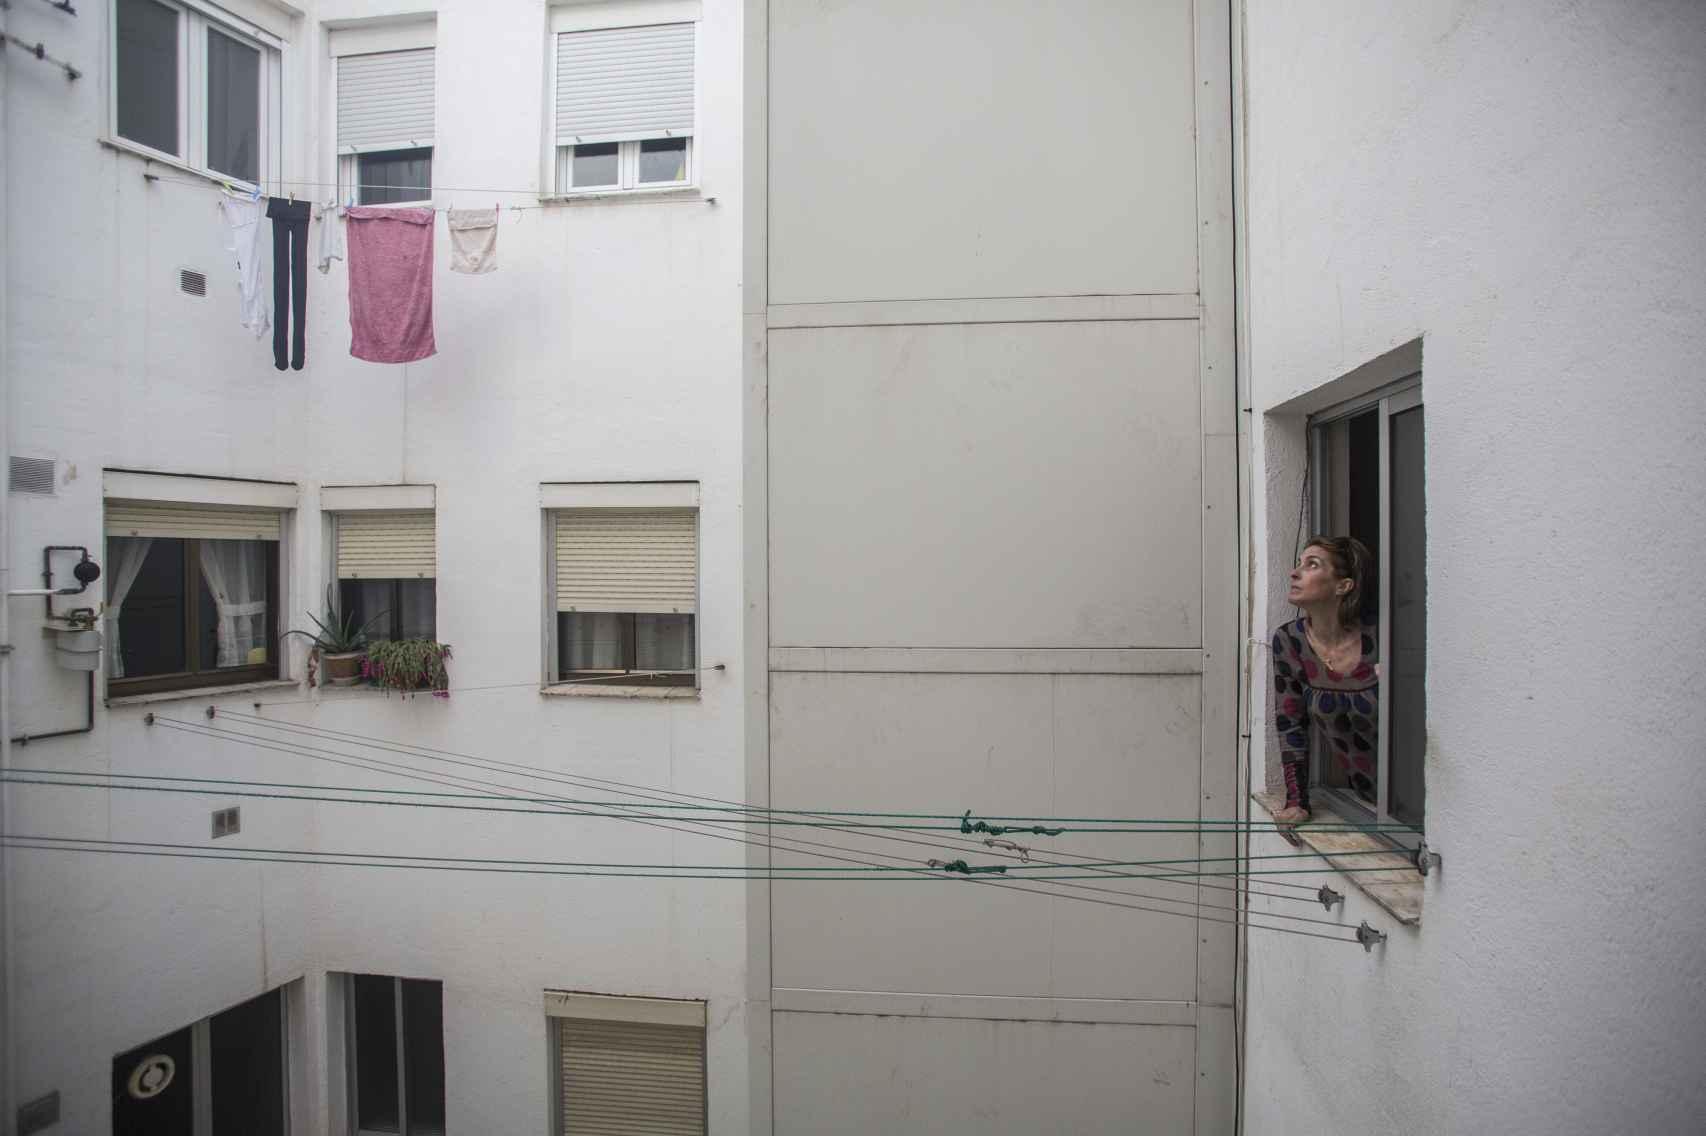 María Luisa Martín, la denunciante, vecina del 2º G, se asoma al patio del bloque.